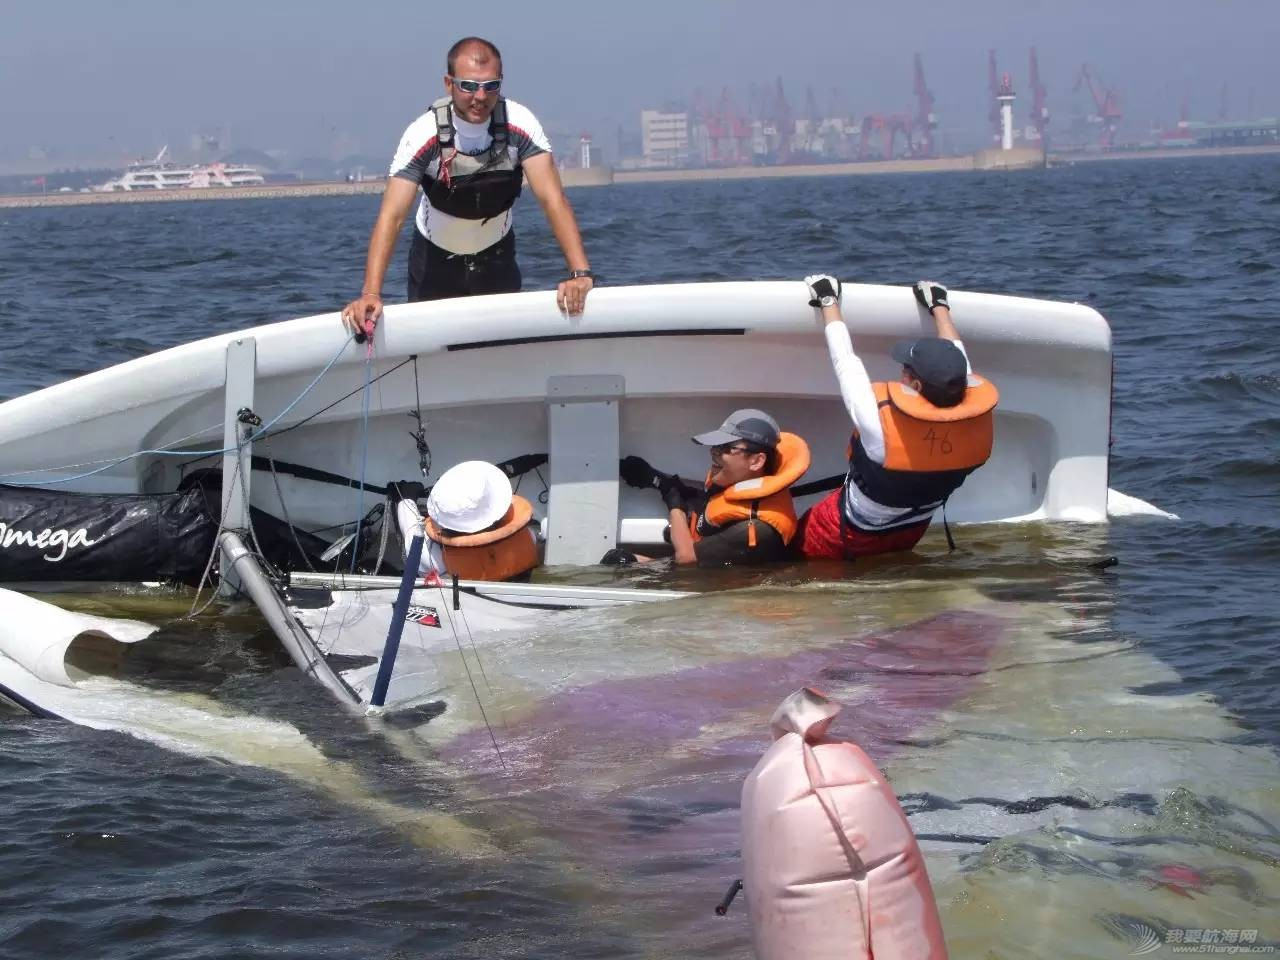 普通人如何起步学习帆船? 2d14b77f9ed8dad660117d79596f398b.jpg